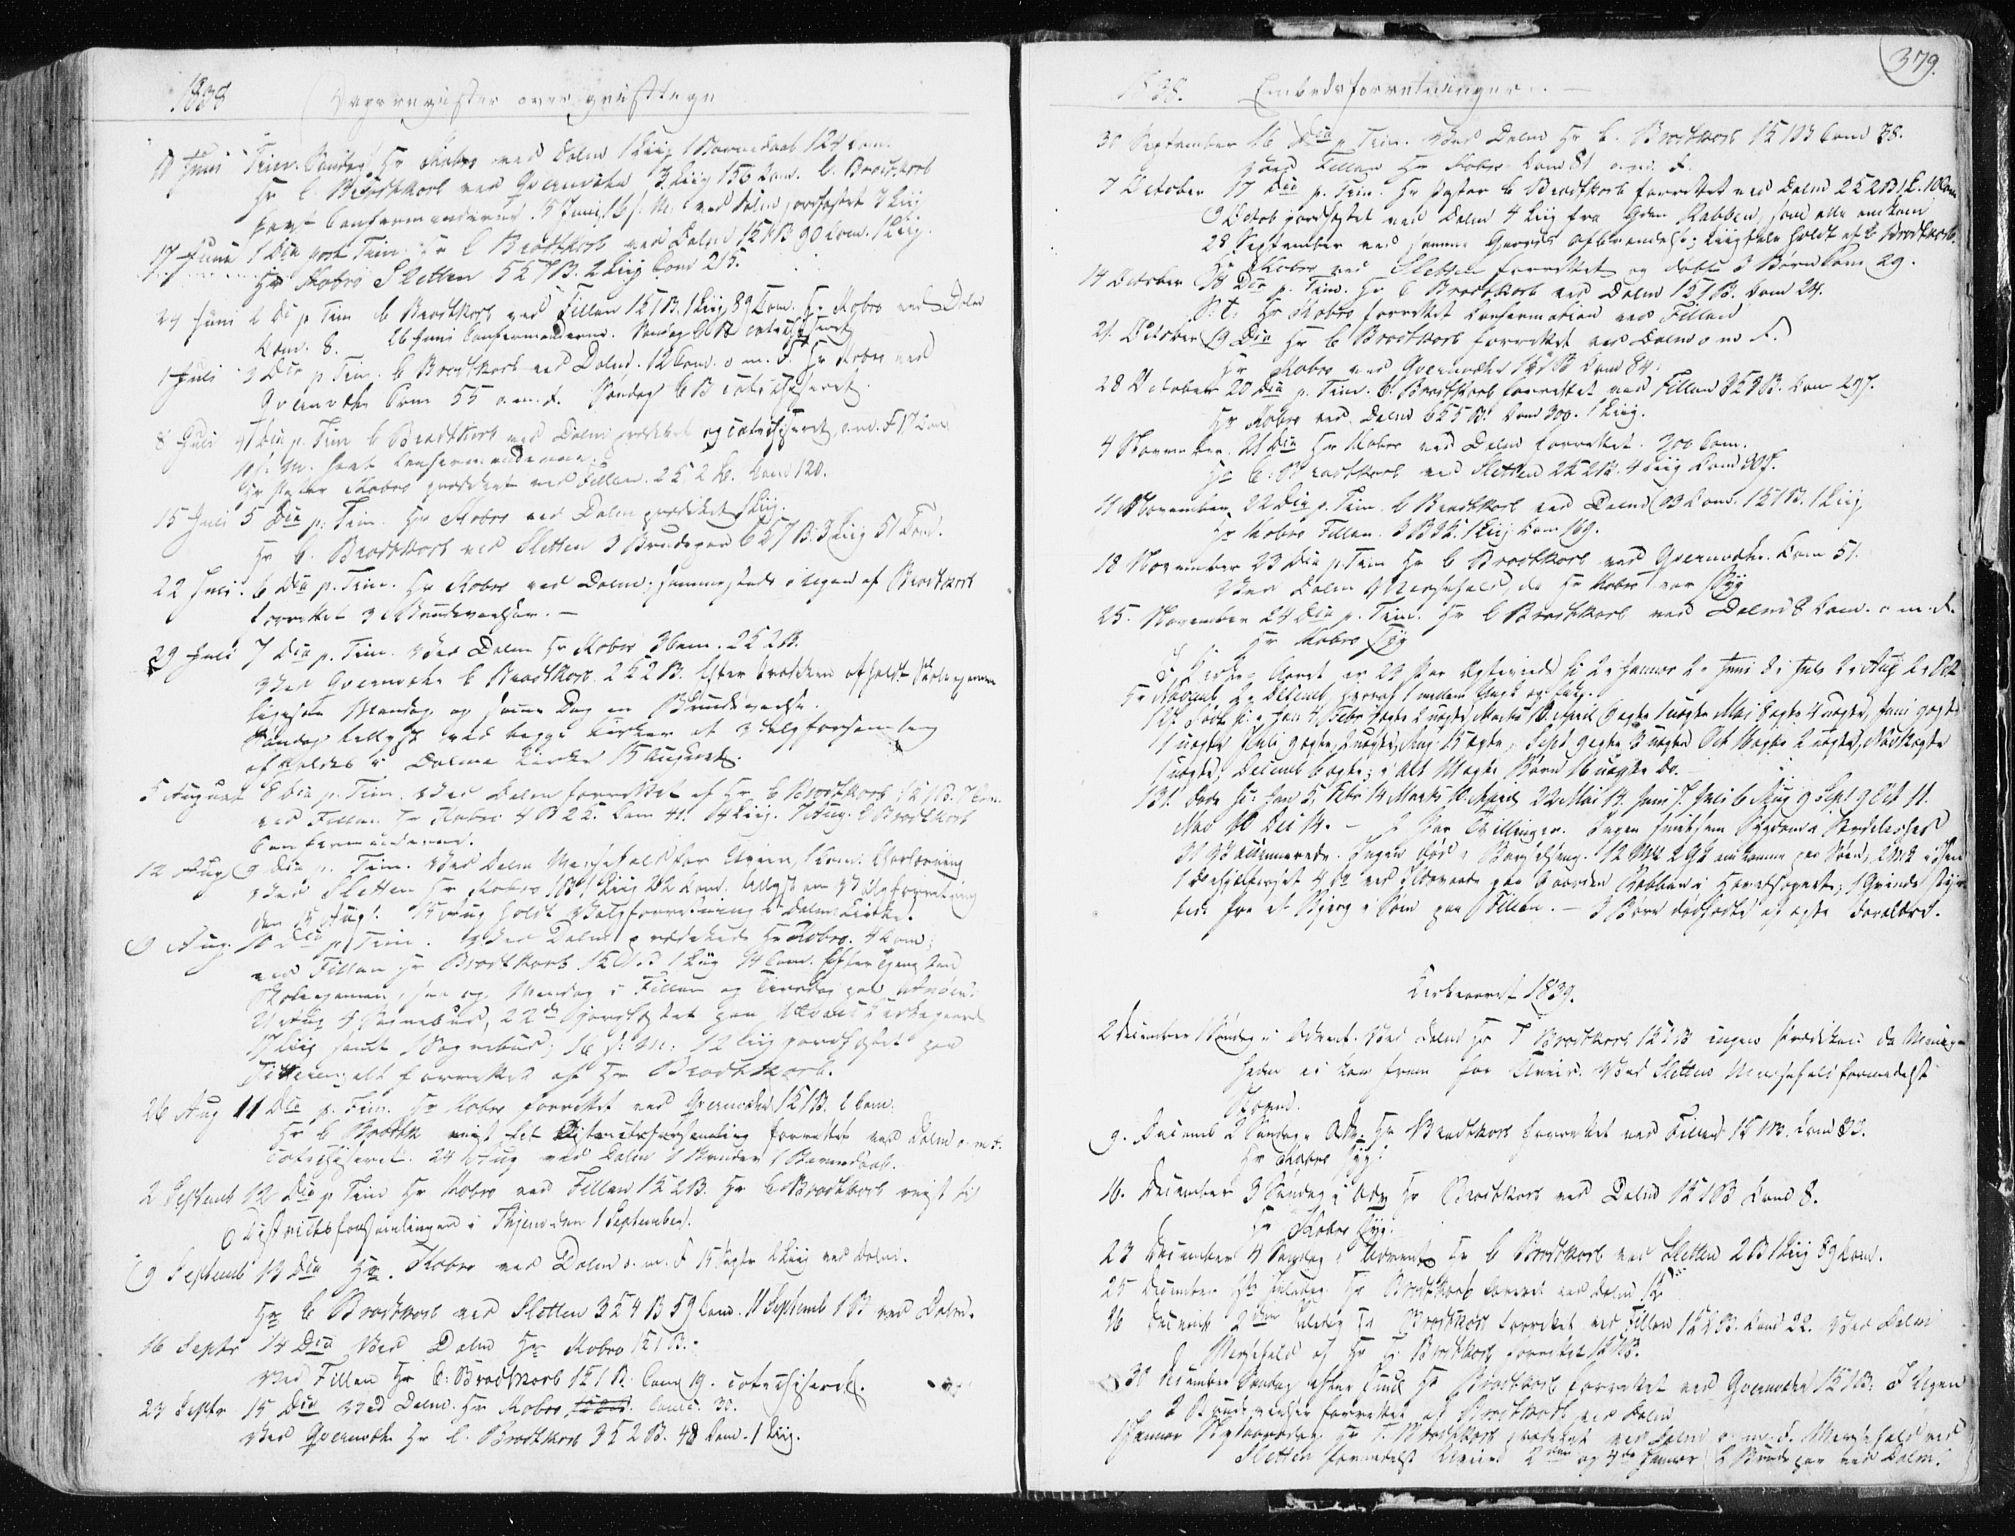 SAT, Ministerialprotokoller, klokkerbøker og fødselsregistre - Sør-Trøndelag, 634/L0528: Ministerialbok nr. 634A04, 1827-1842, s. 379